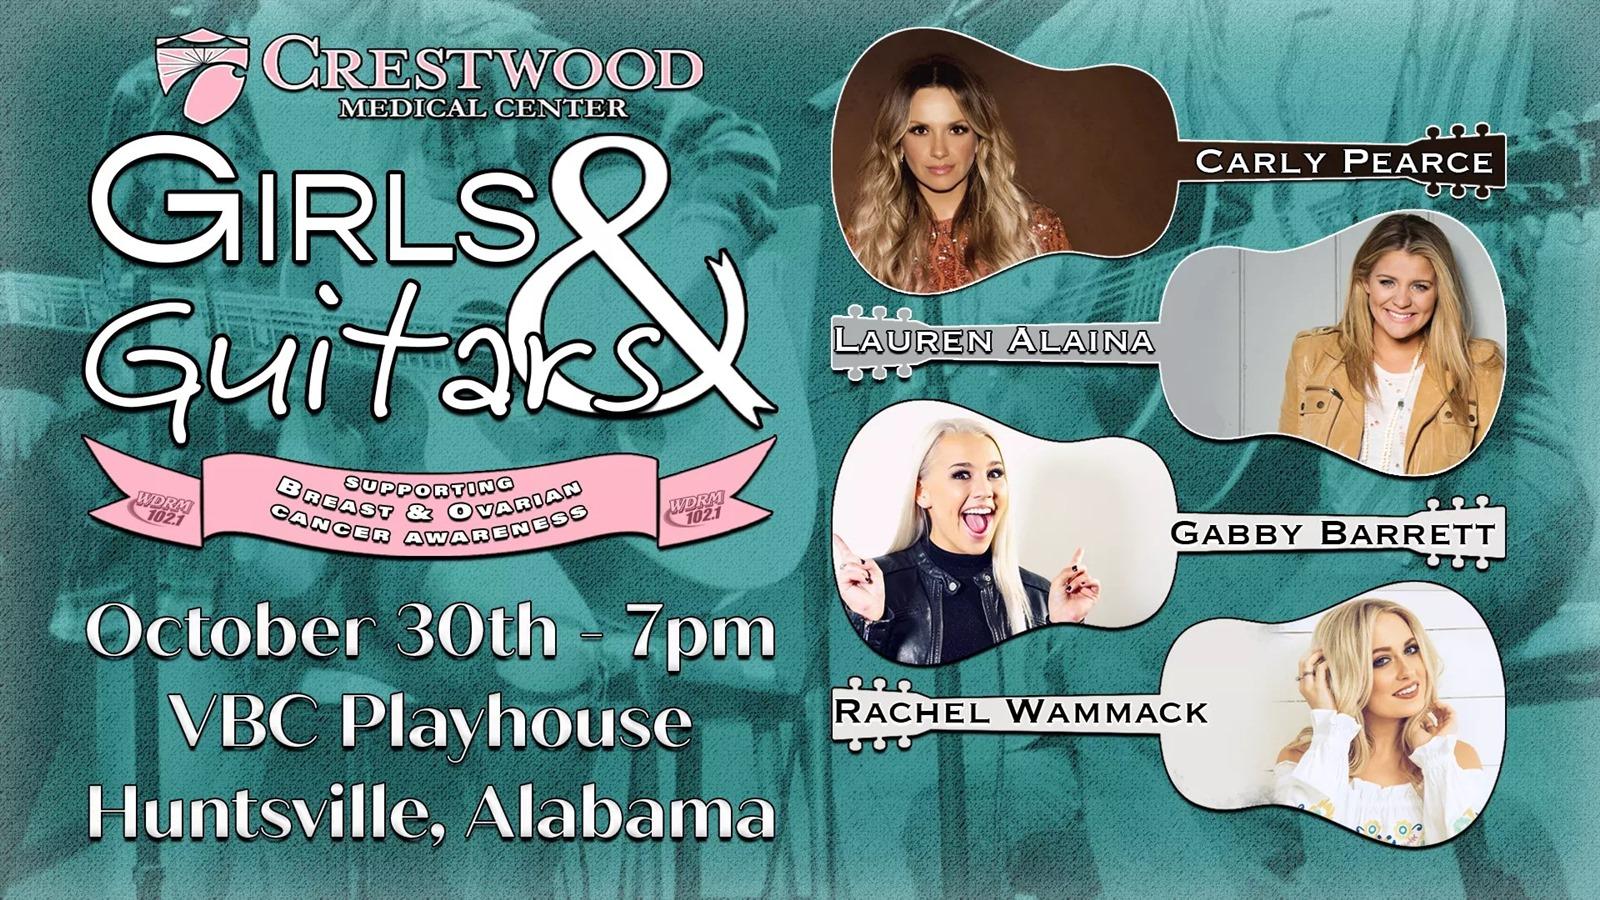 OCTOBER 30 - GIRLS AND GUITARS - VON BRAUN CENTER PLAYHOUSE - Carly Pearce, Lauren Alaina, Gabby Barrett, and Rachel Wammack - HUNTSVILLE, AL